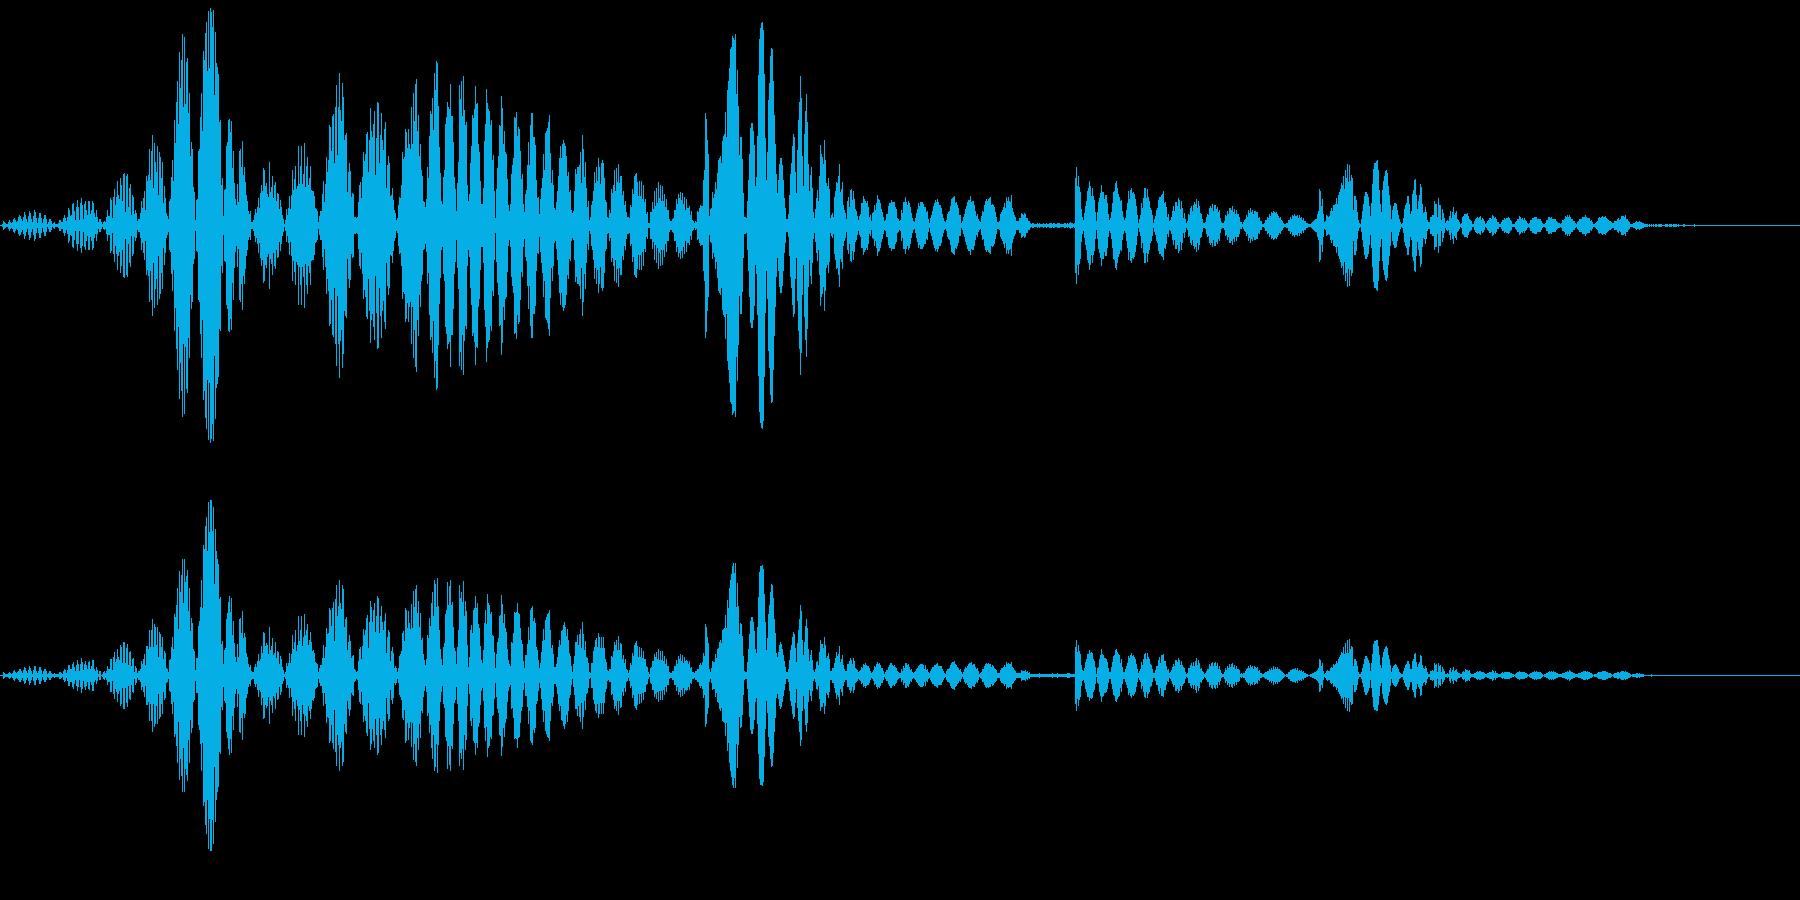 ニュッと何かを取り出す(跳ねる音など)の再生済みの波形